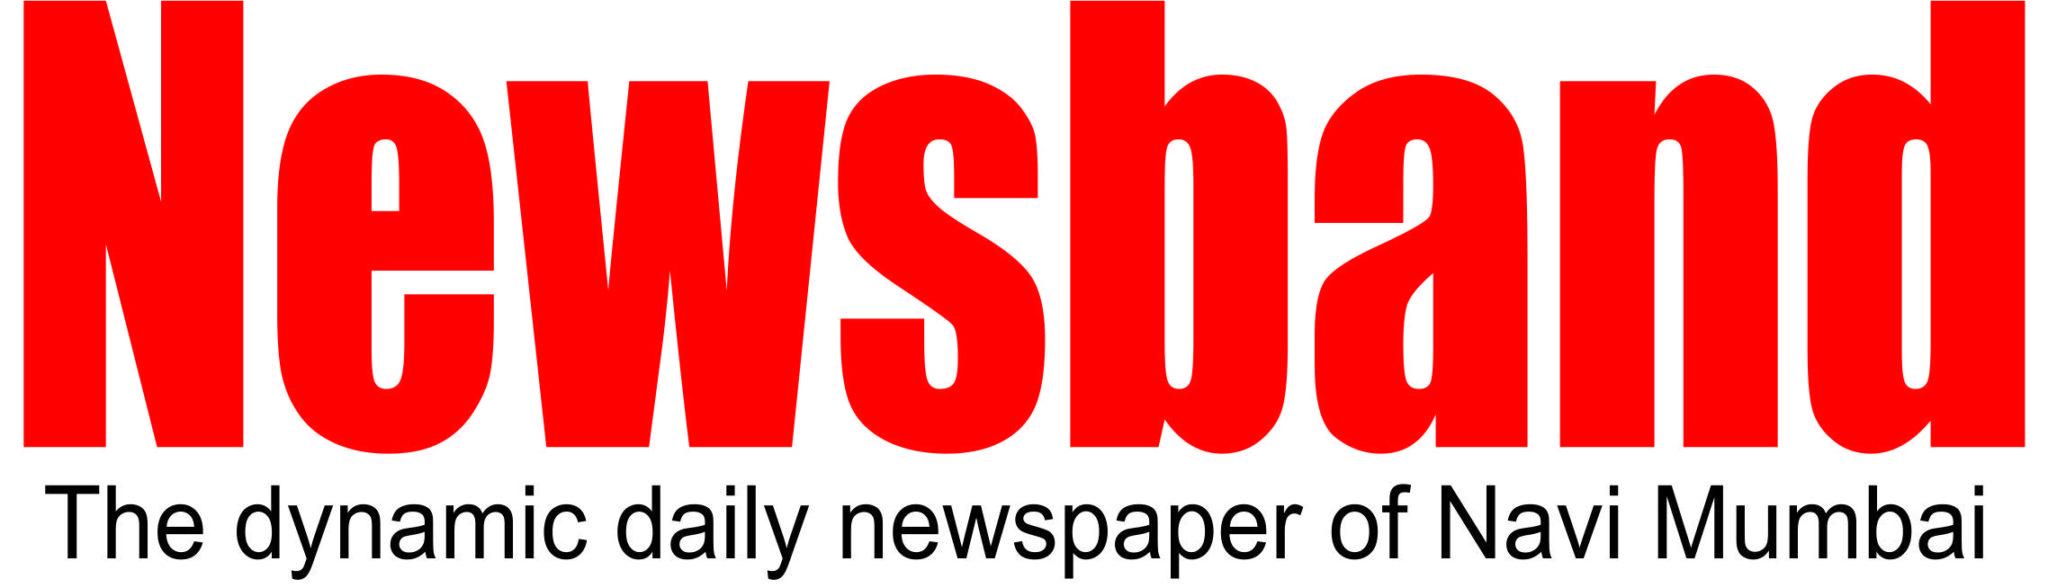 Newsband